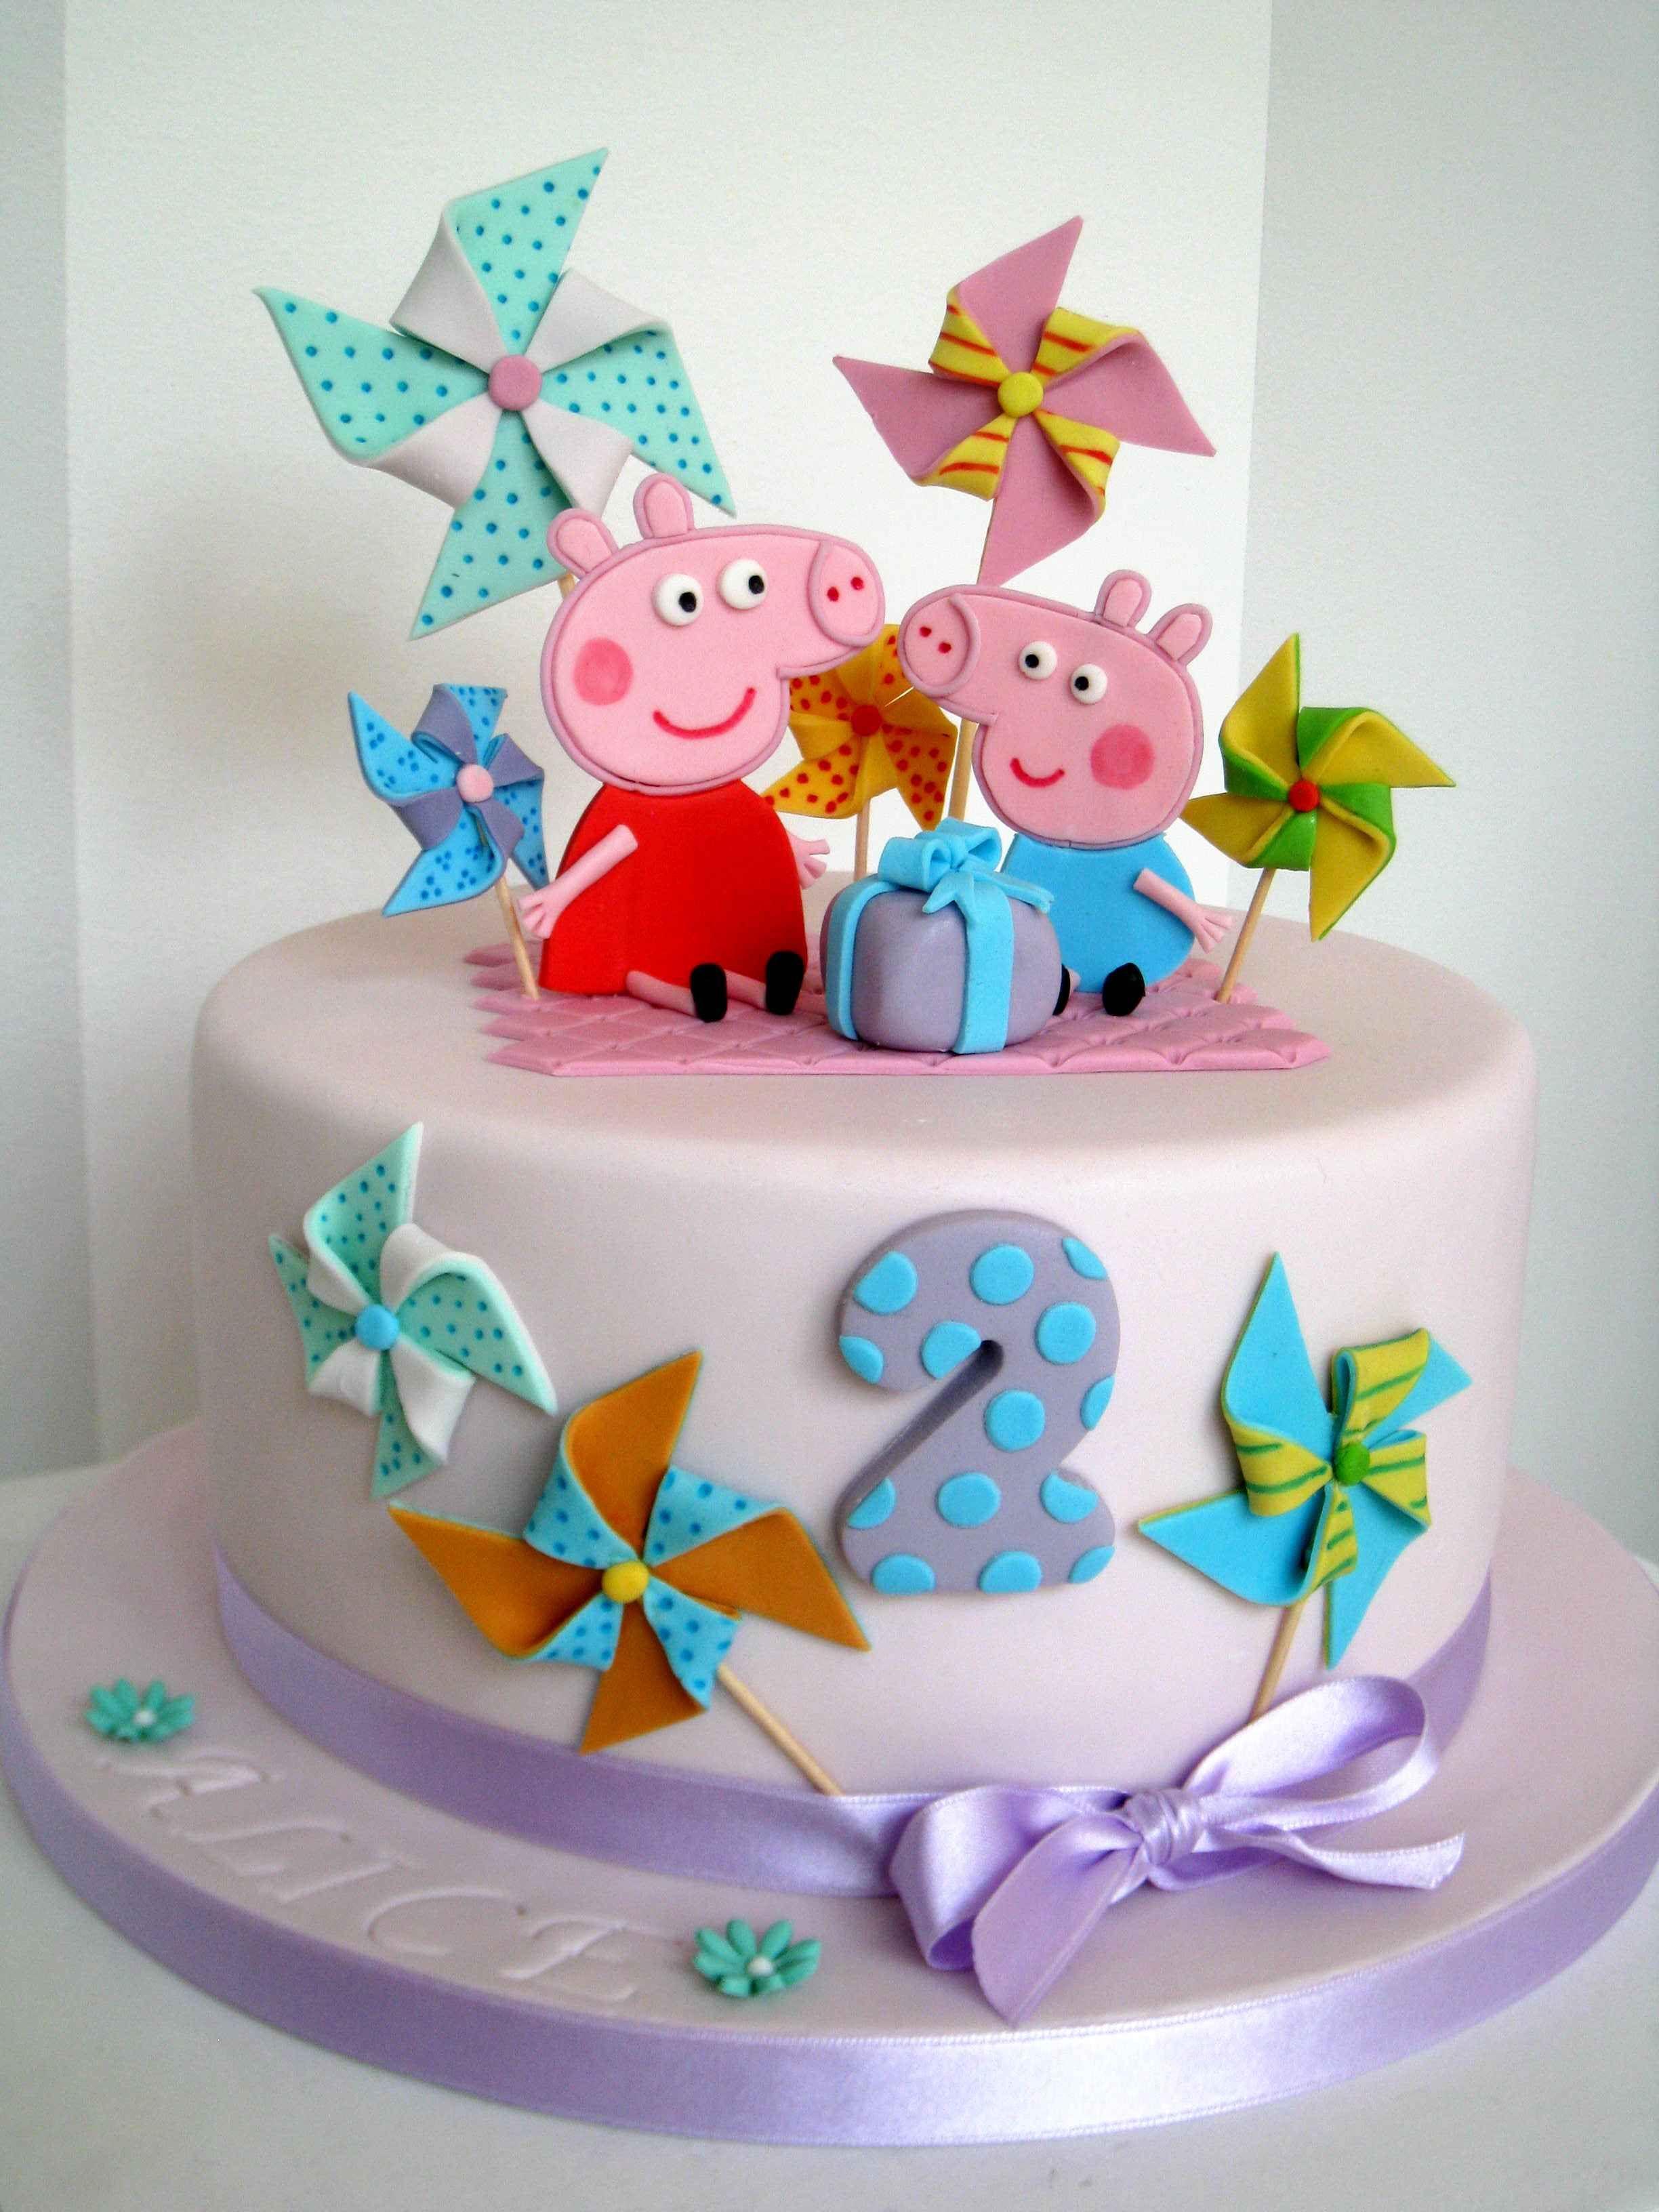 Детский торт своими руками. Торт со свинкой Пеппой 99